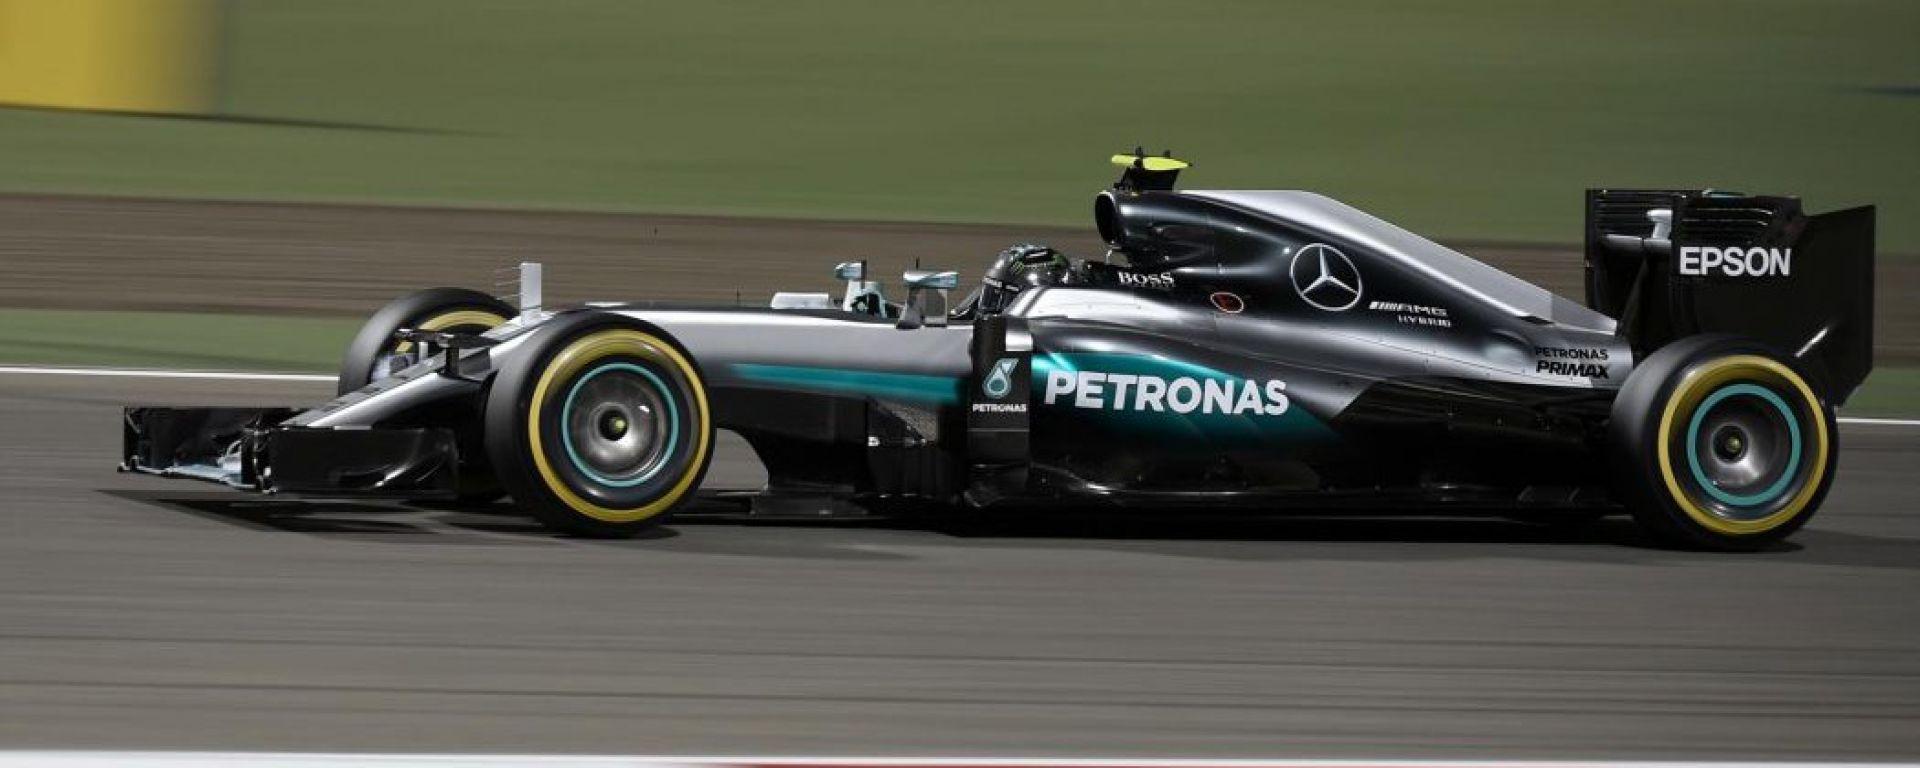 F1 GP Russia: Le pagelle della gara